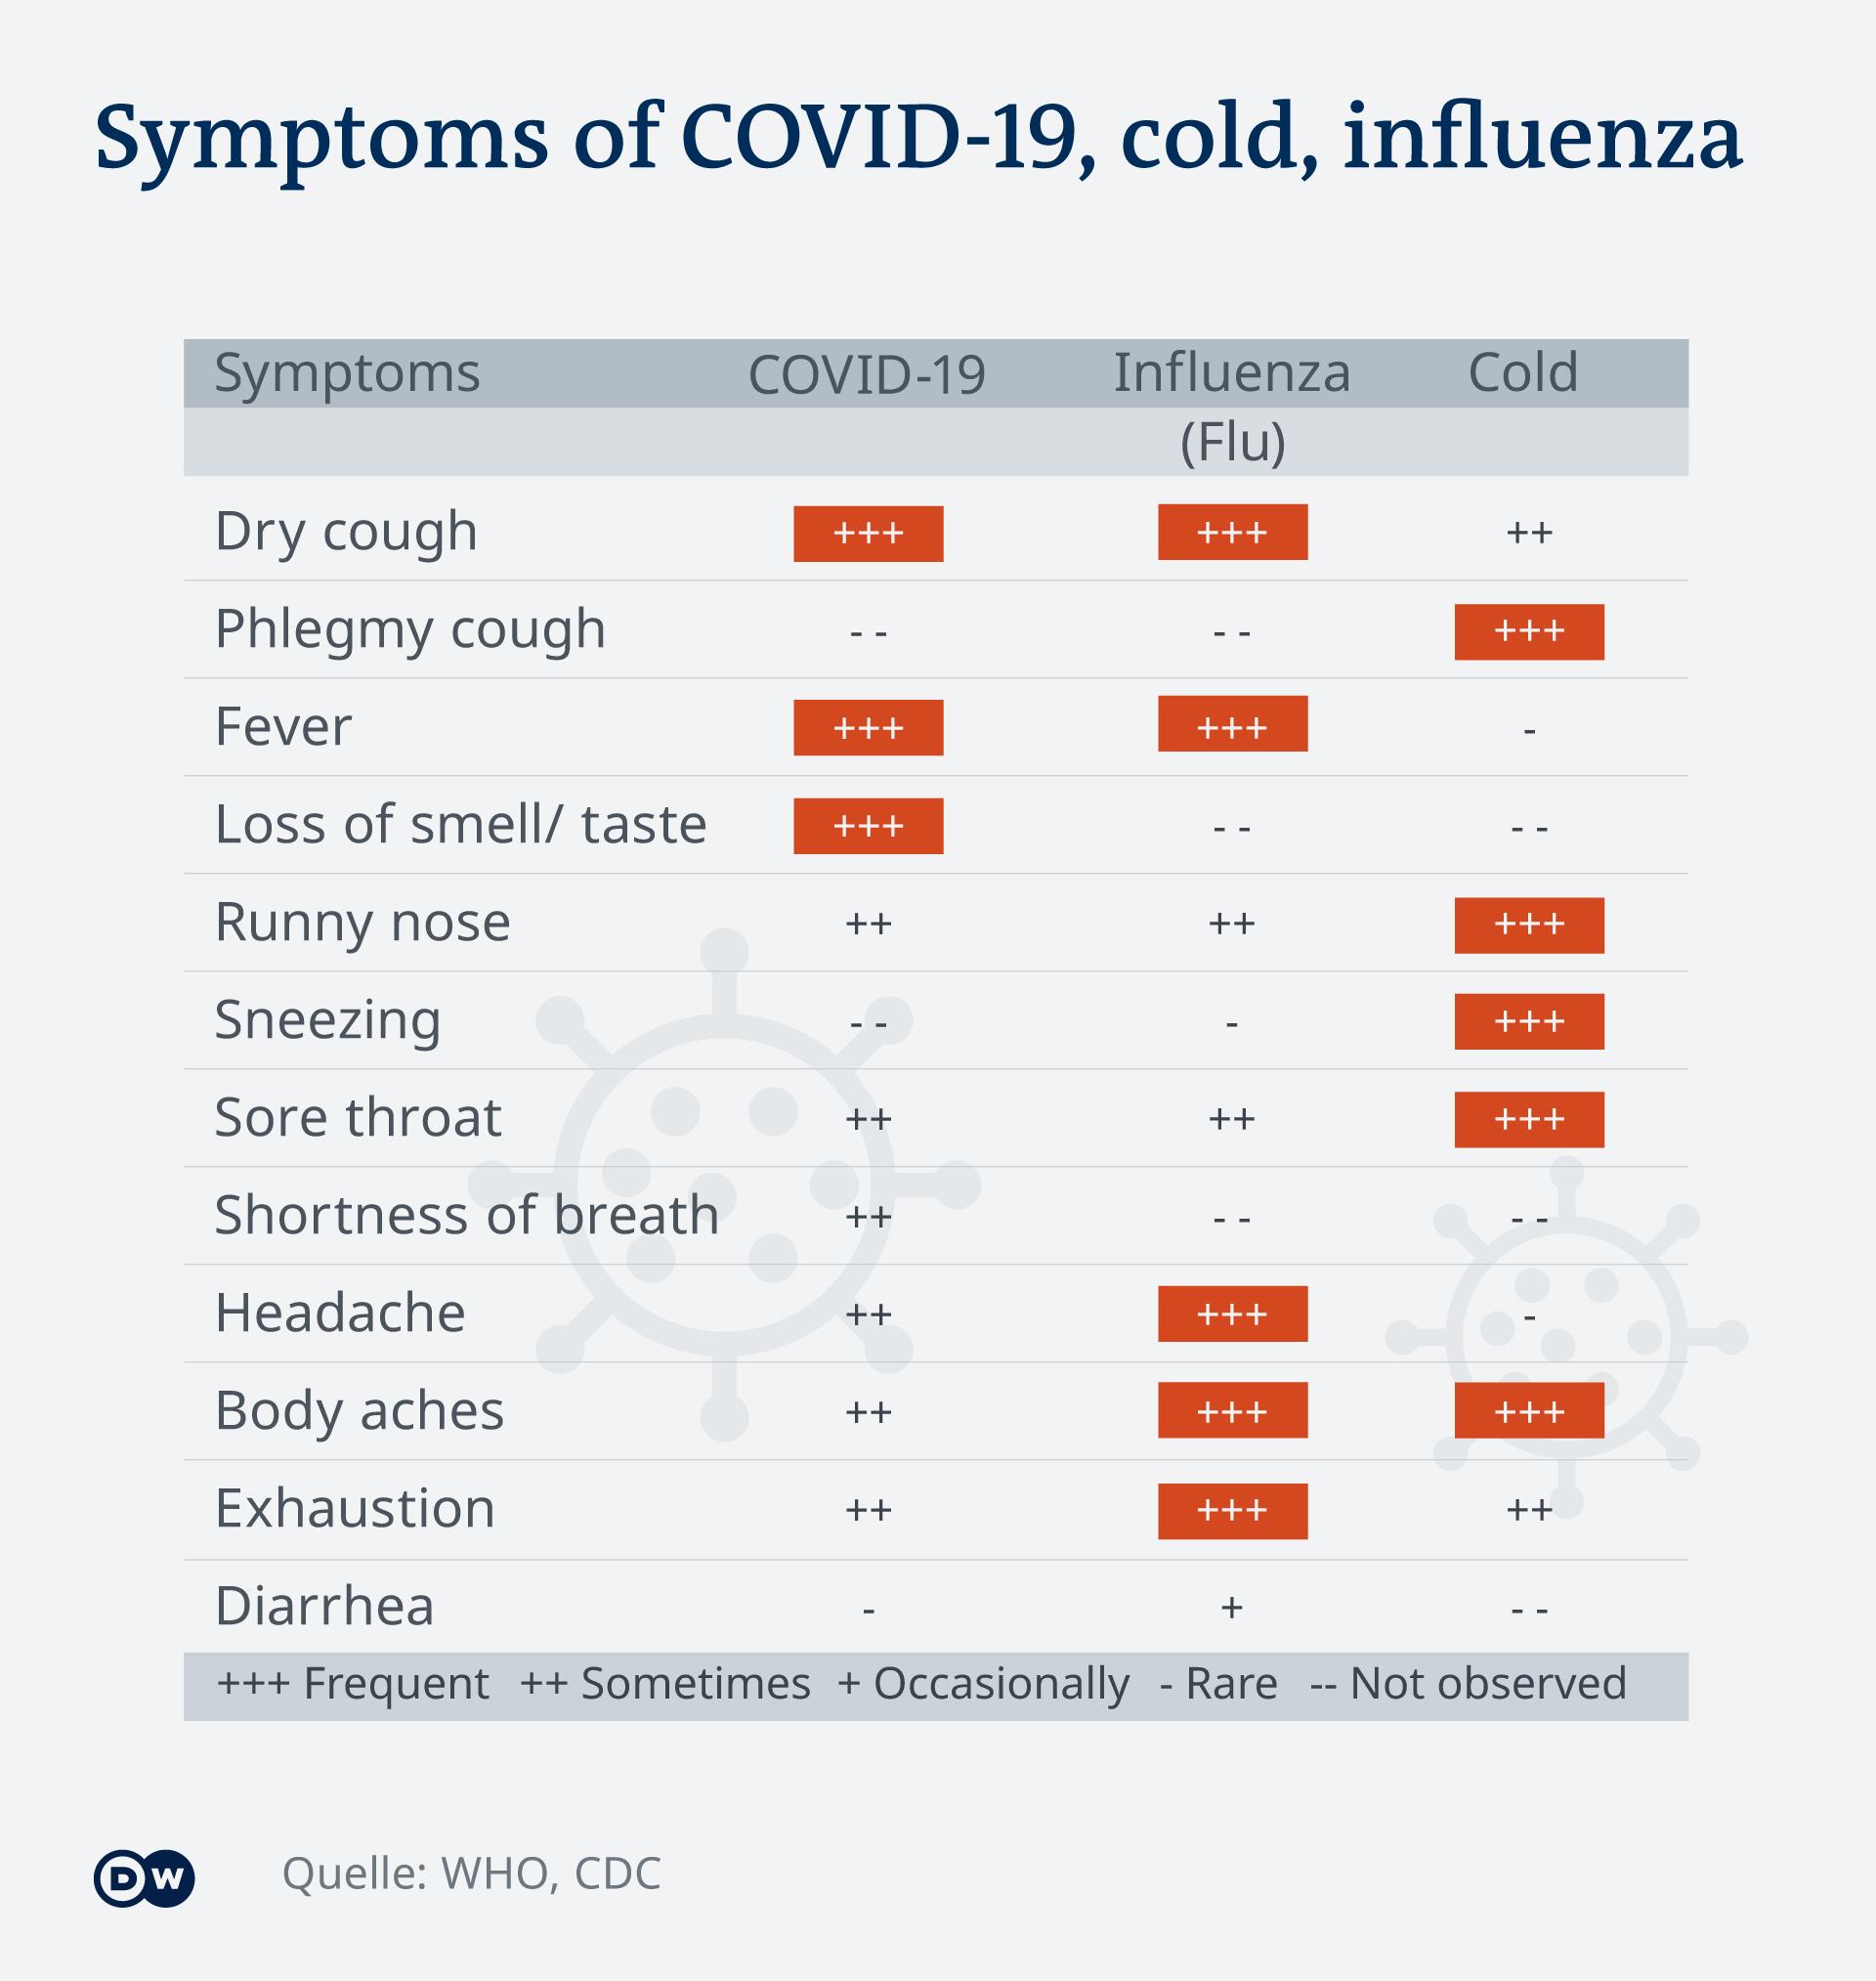 Graphic: COVID-19, influenza and cold symptoms